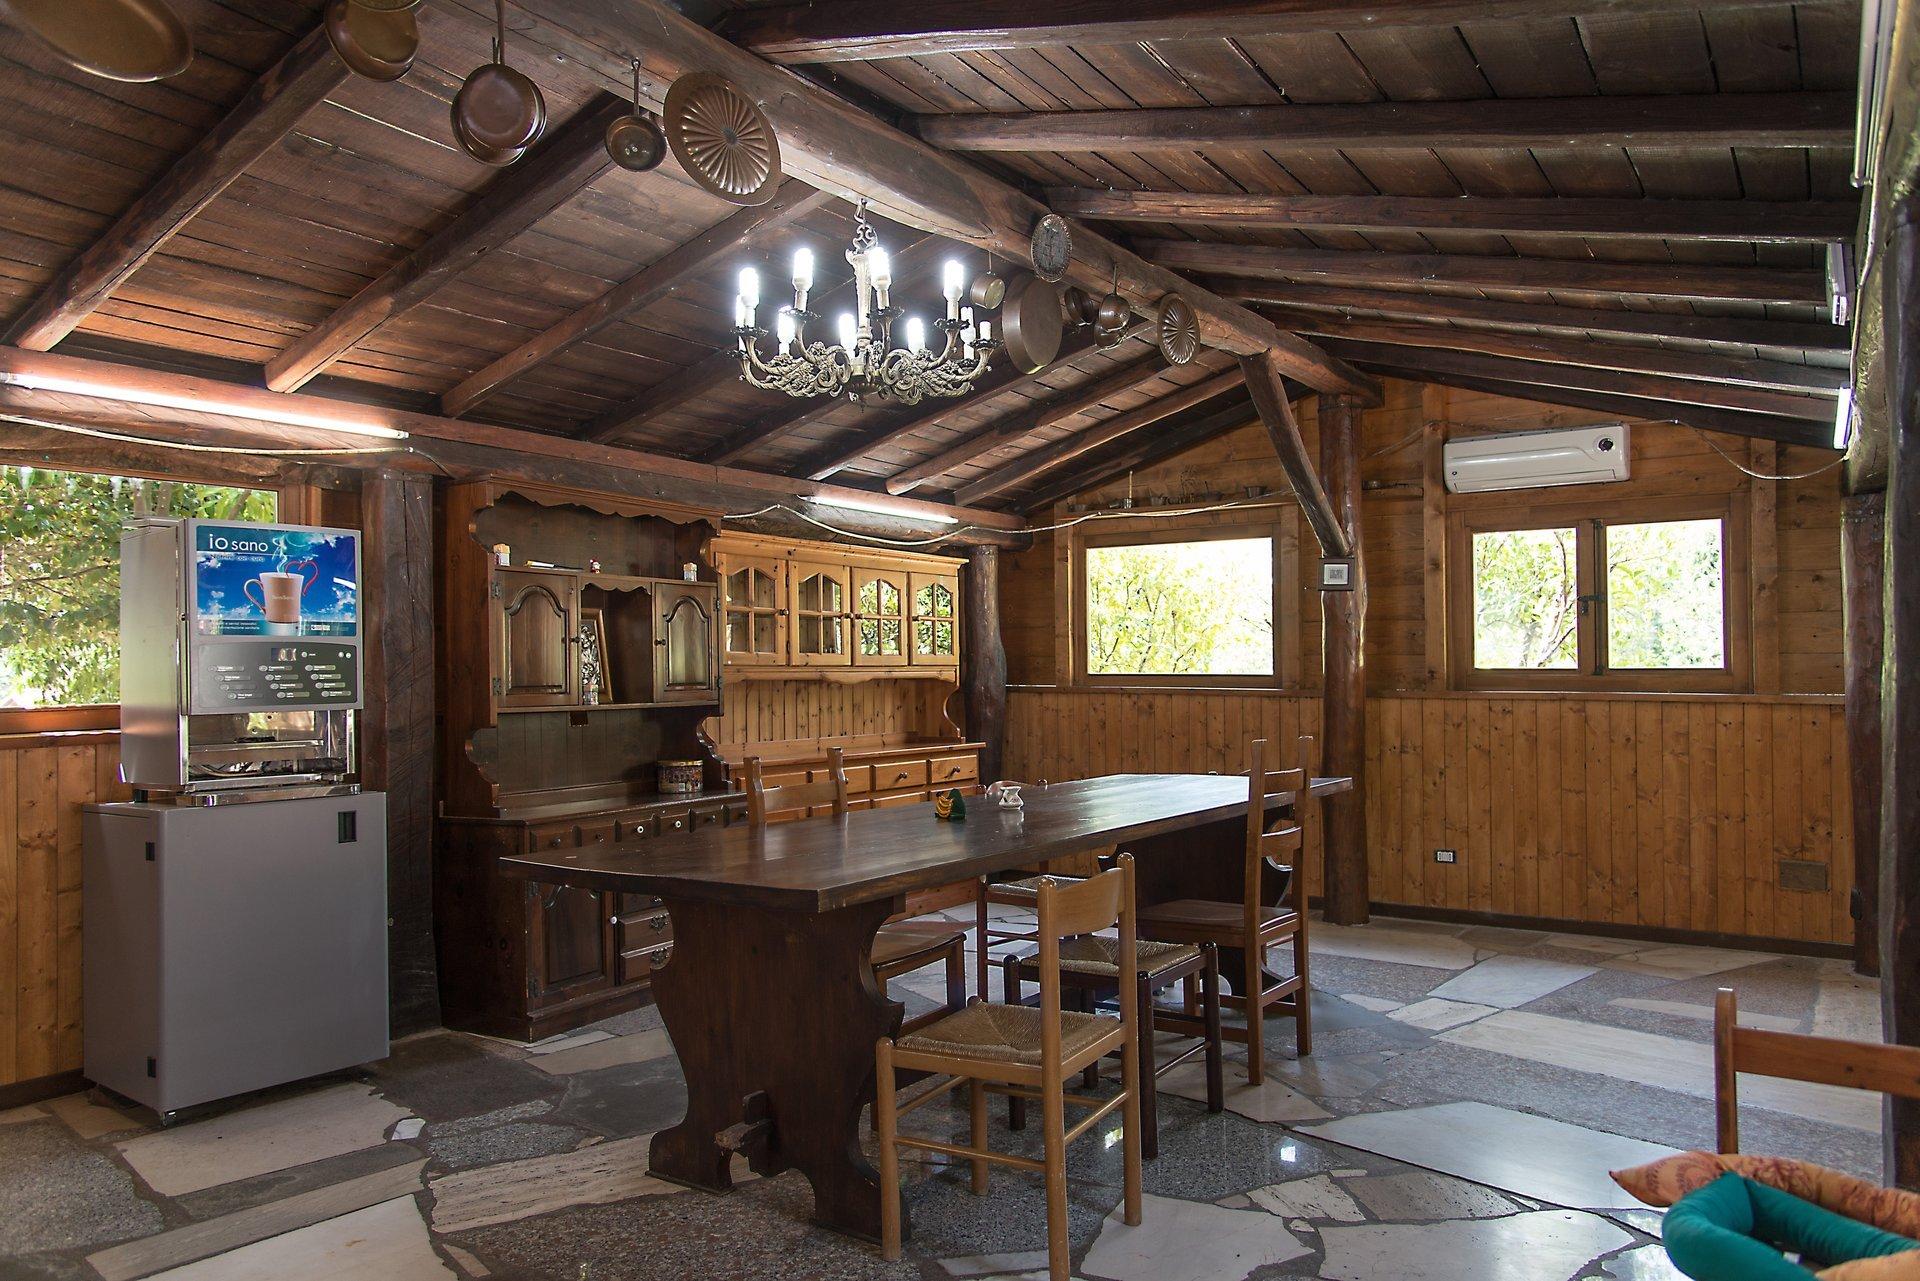 sala interna in legno con credenze e tavolo con sedie